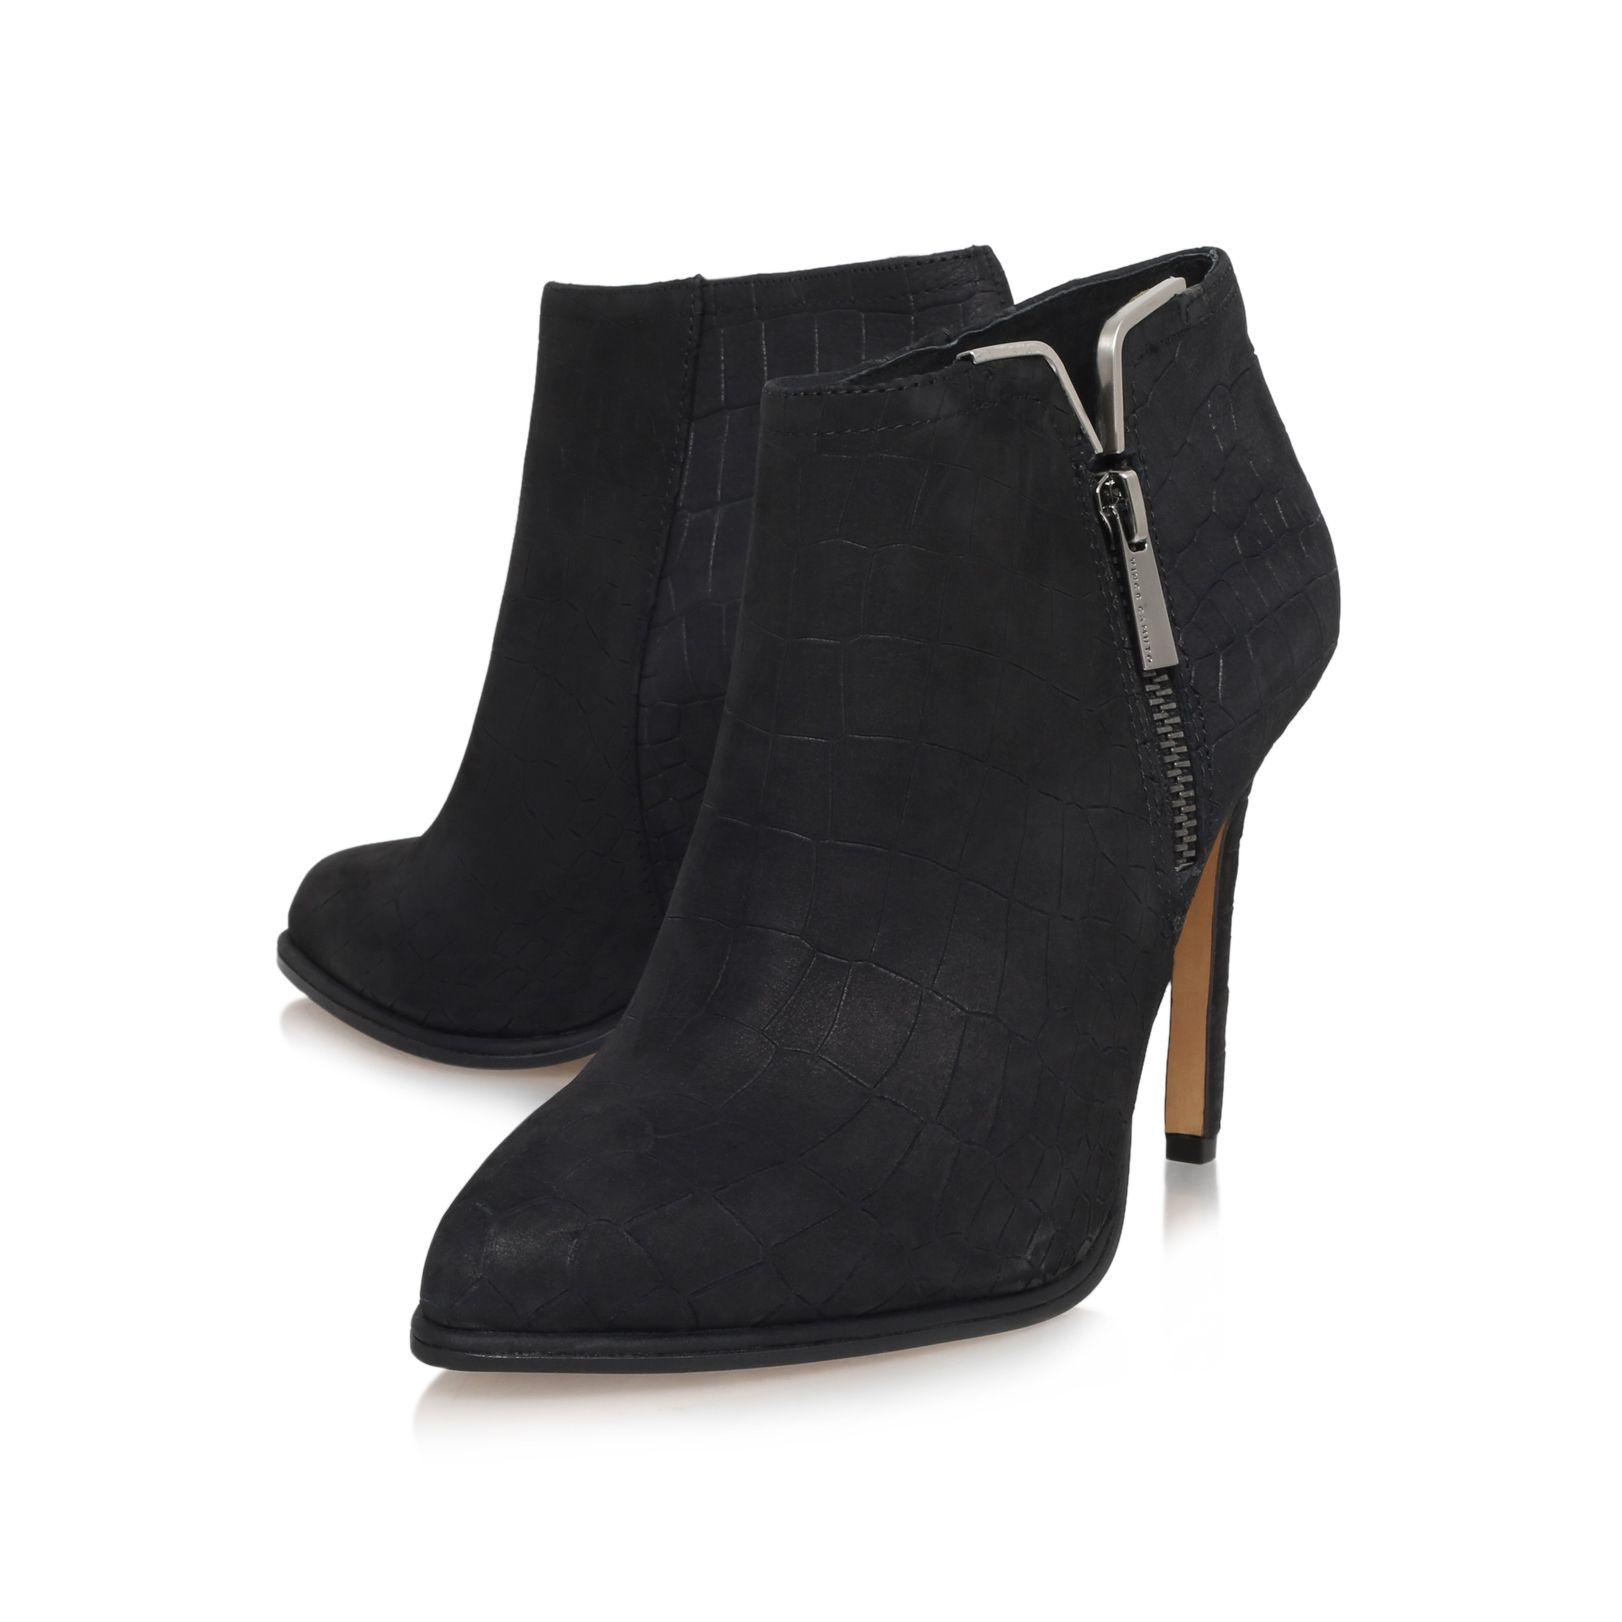 Vince Camuto Lela High Heel Zip Up Shoe Boots In Black